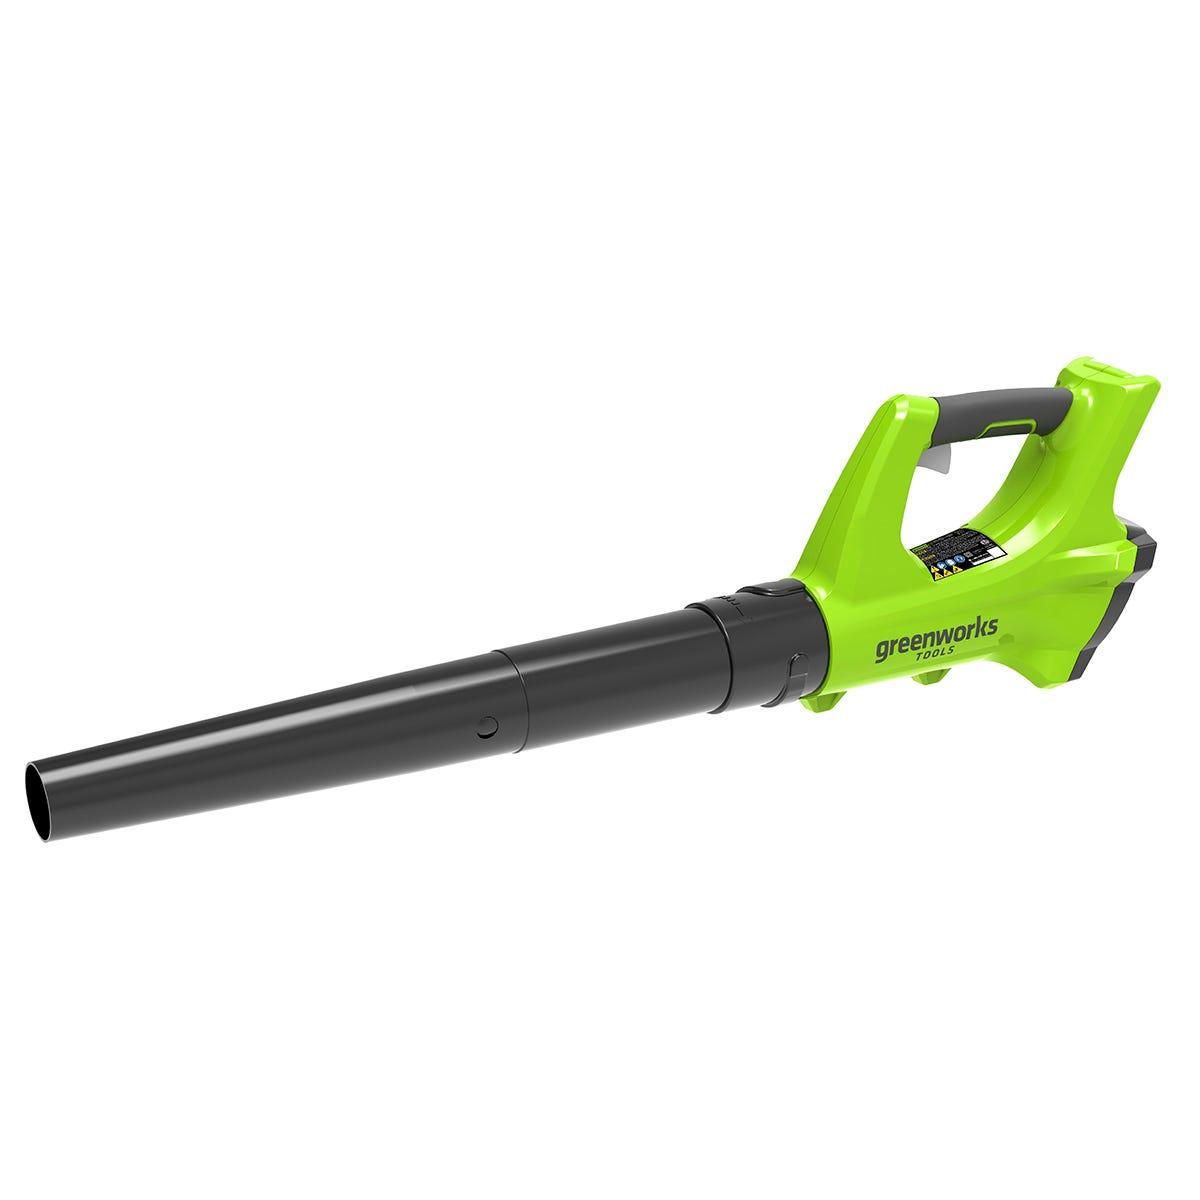 Greenworks 24v Cordless Leaf Blower (Tool Only)